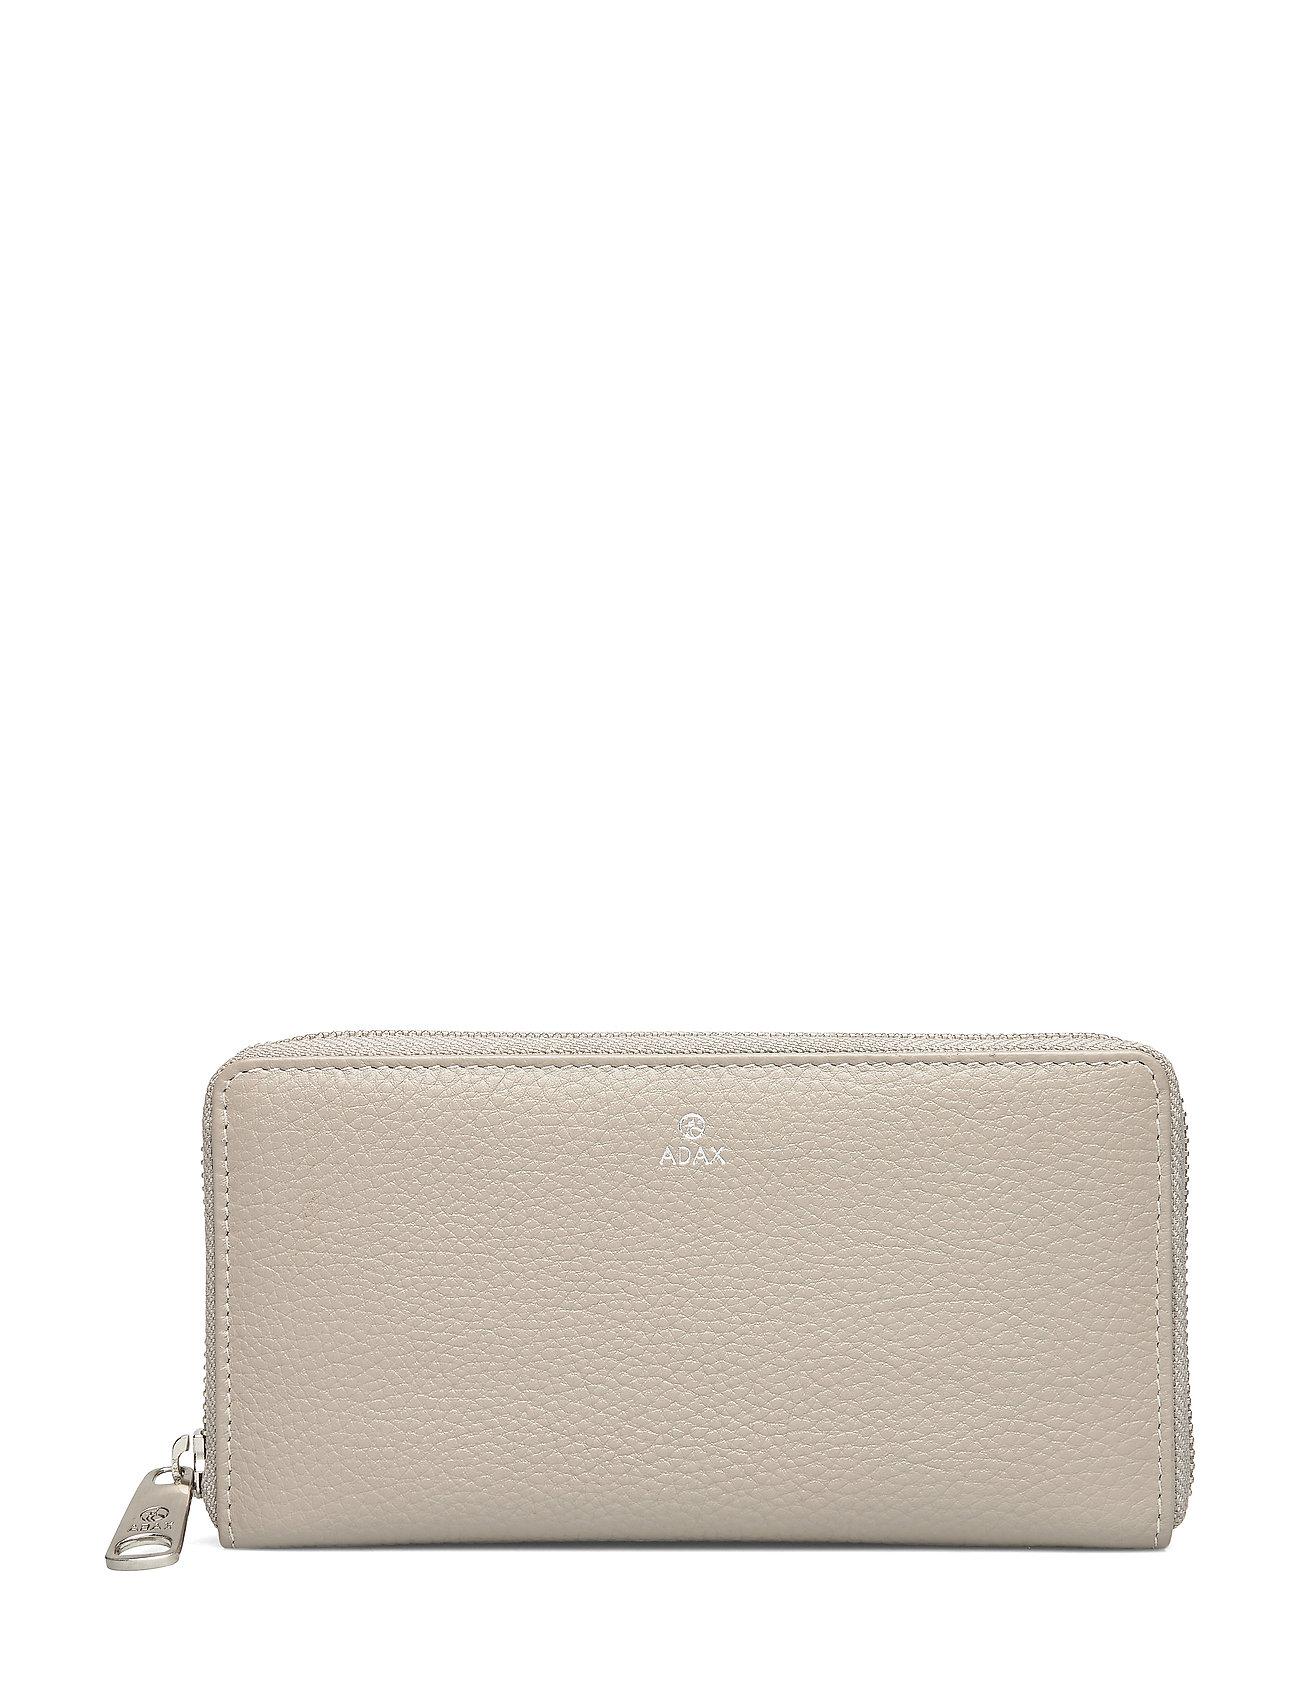 Cormorano Wallet Noa Bags Card Holders & Wallets Wallets Beige Adax